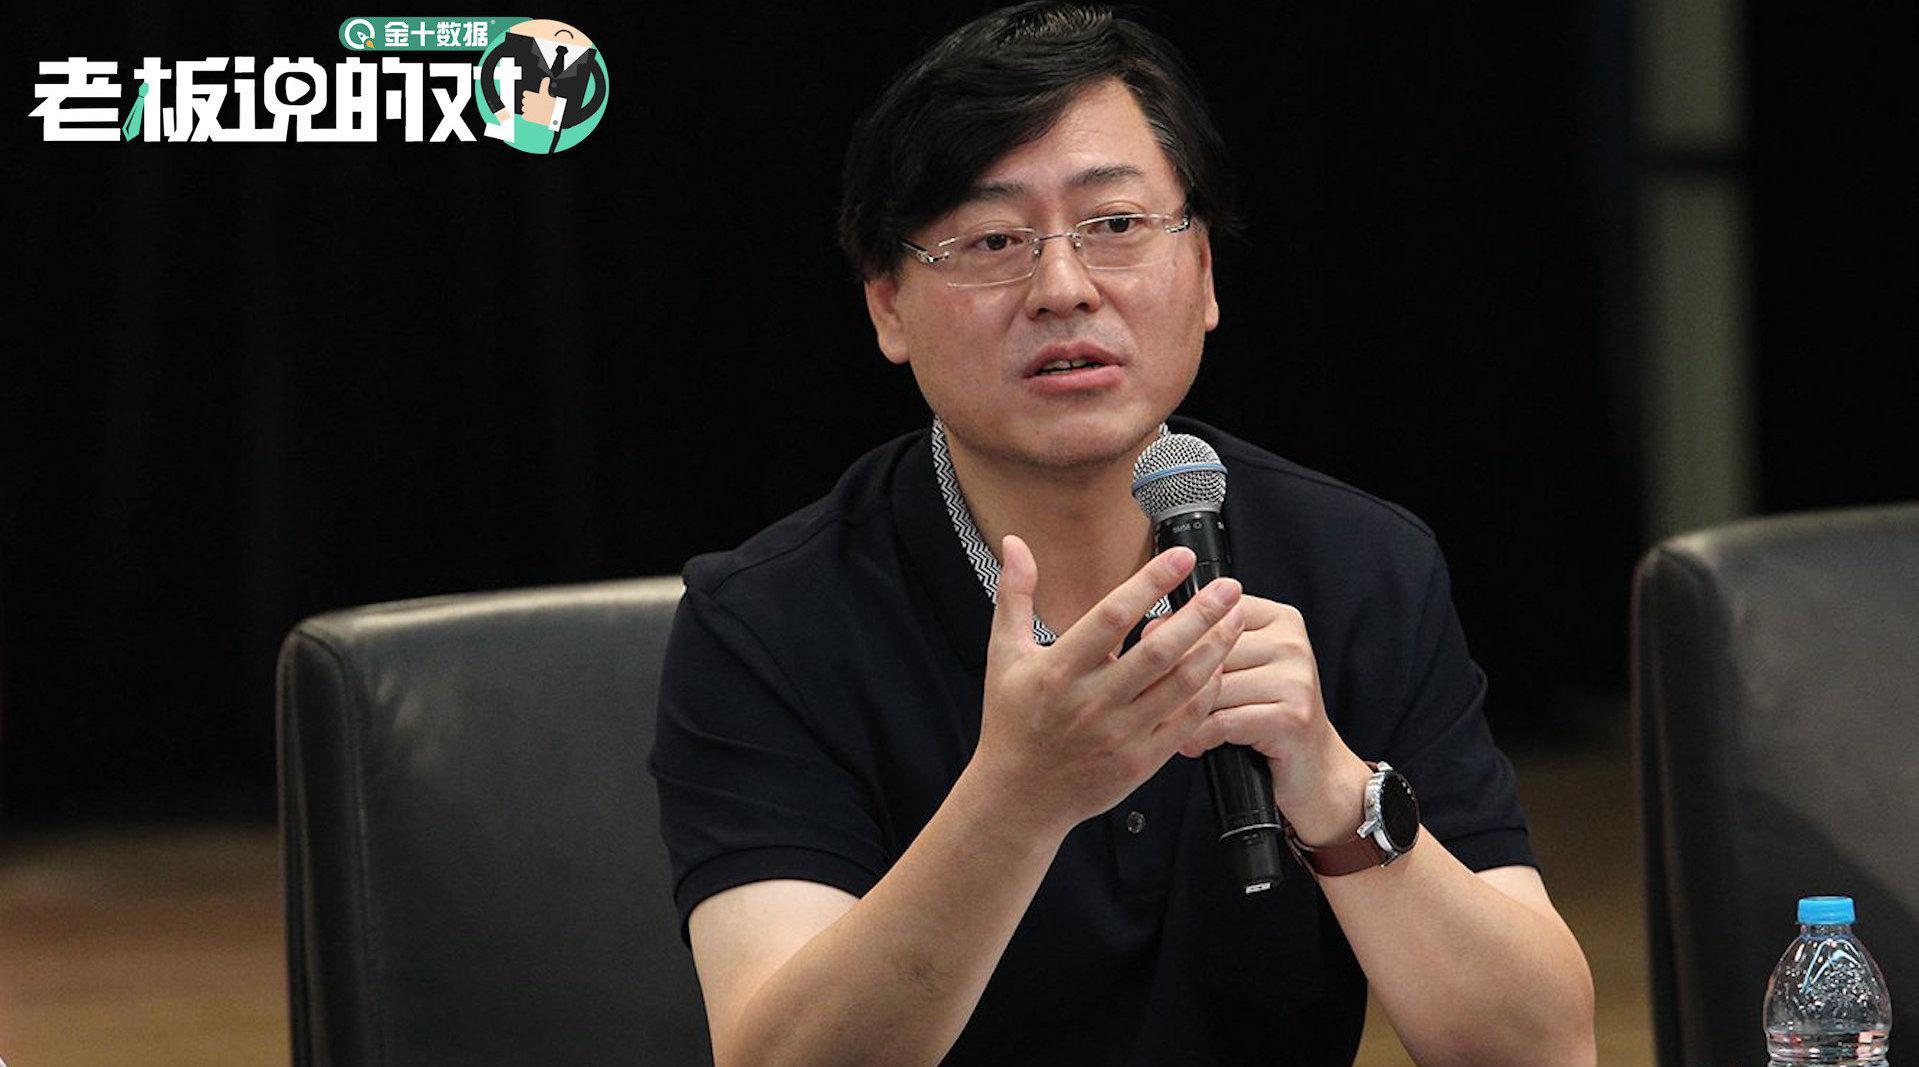 杨元庆:我们目前最大问题是供不应求……